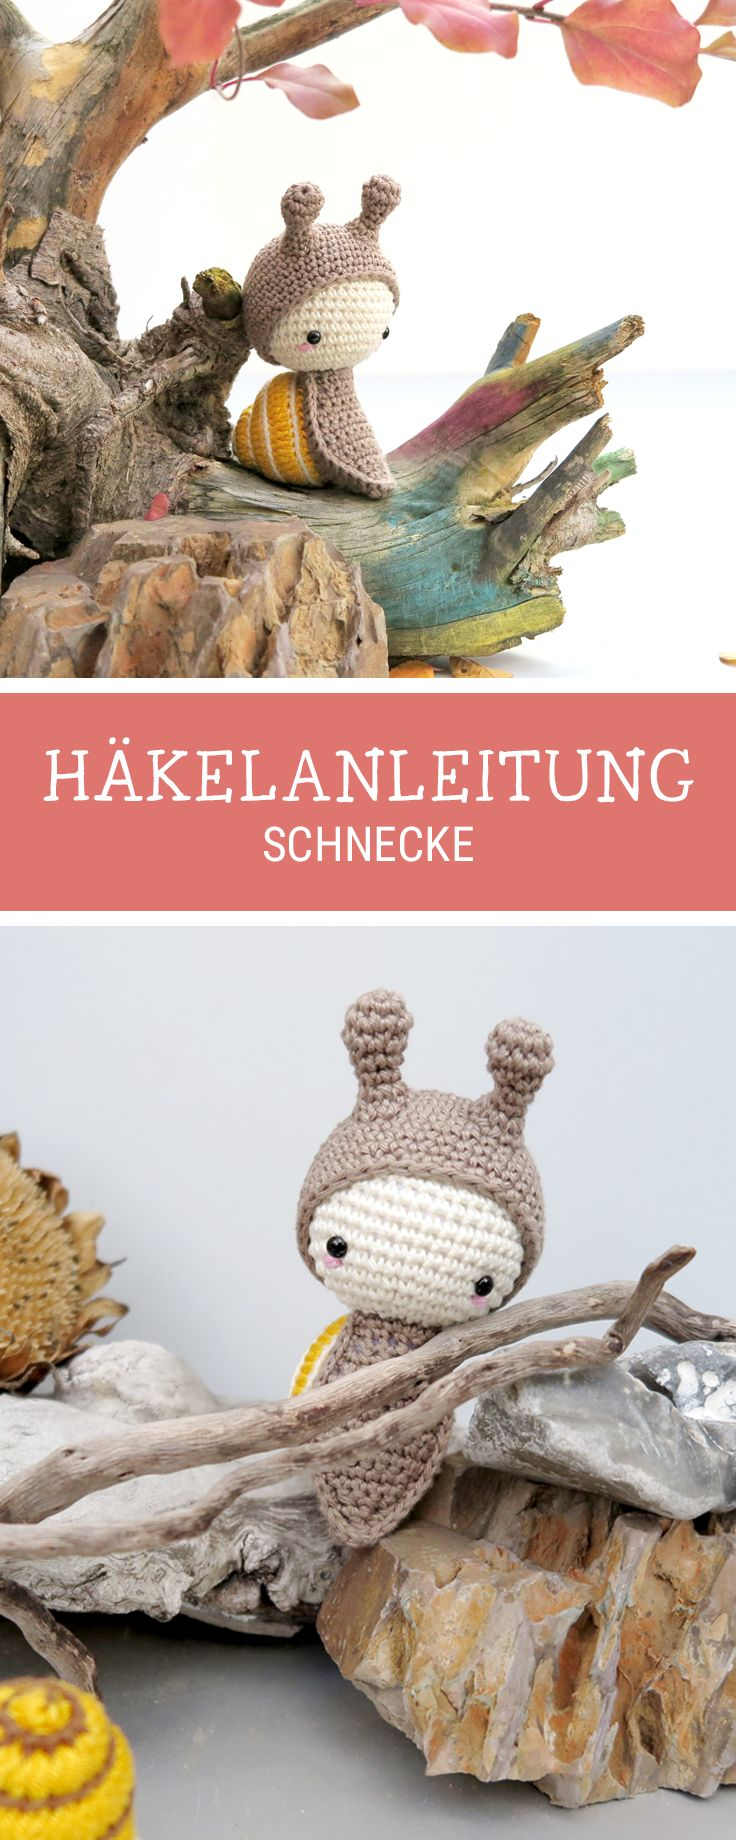 5979 best Häkeln images on Pinterest | Bastelarbeiten, Stricken ...